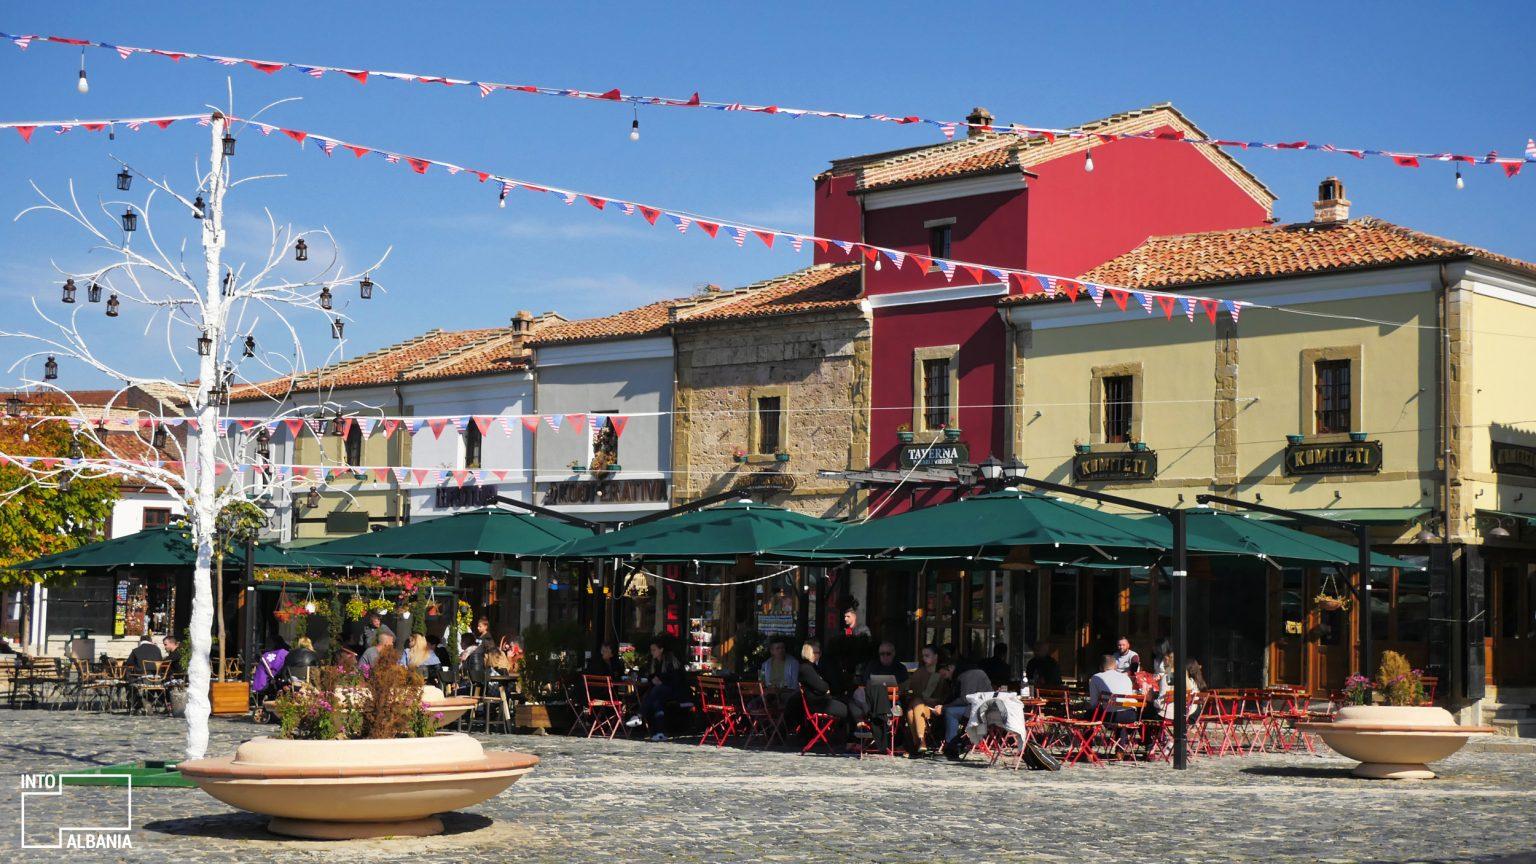 Old bazaars